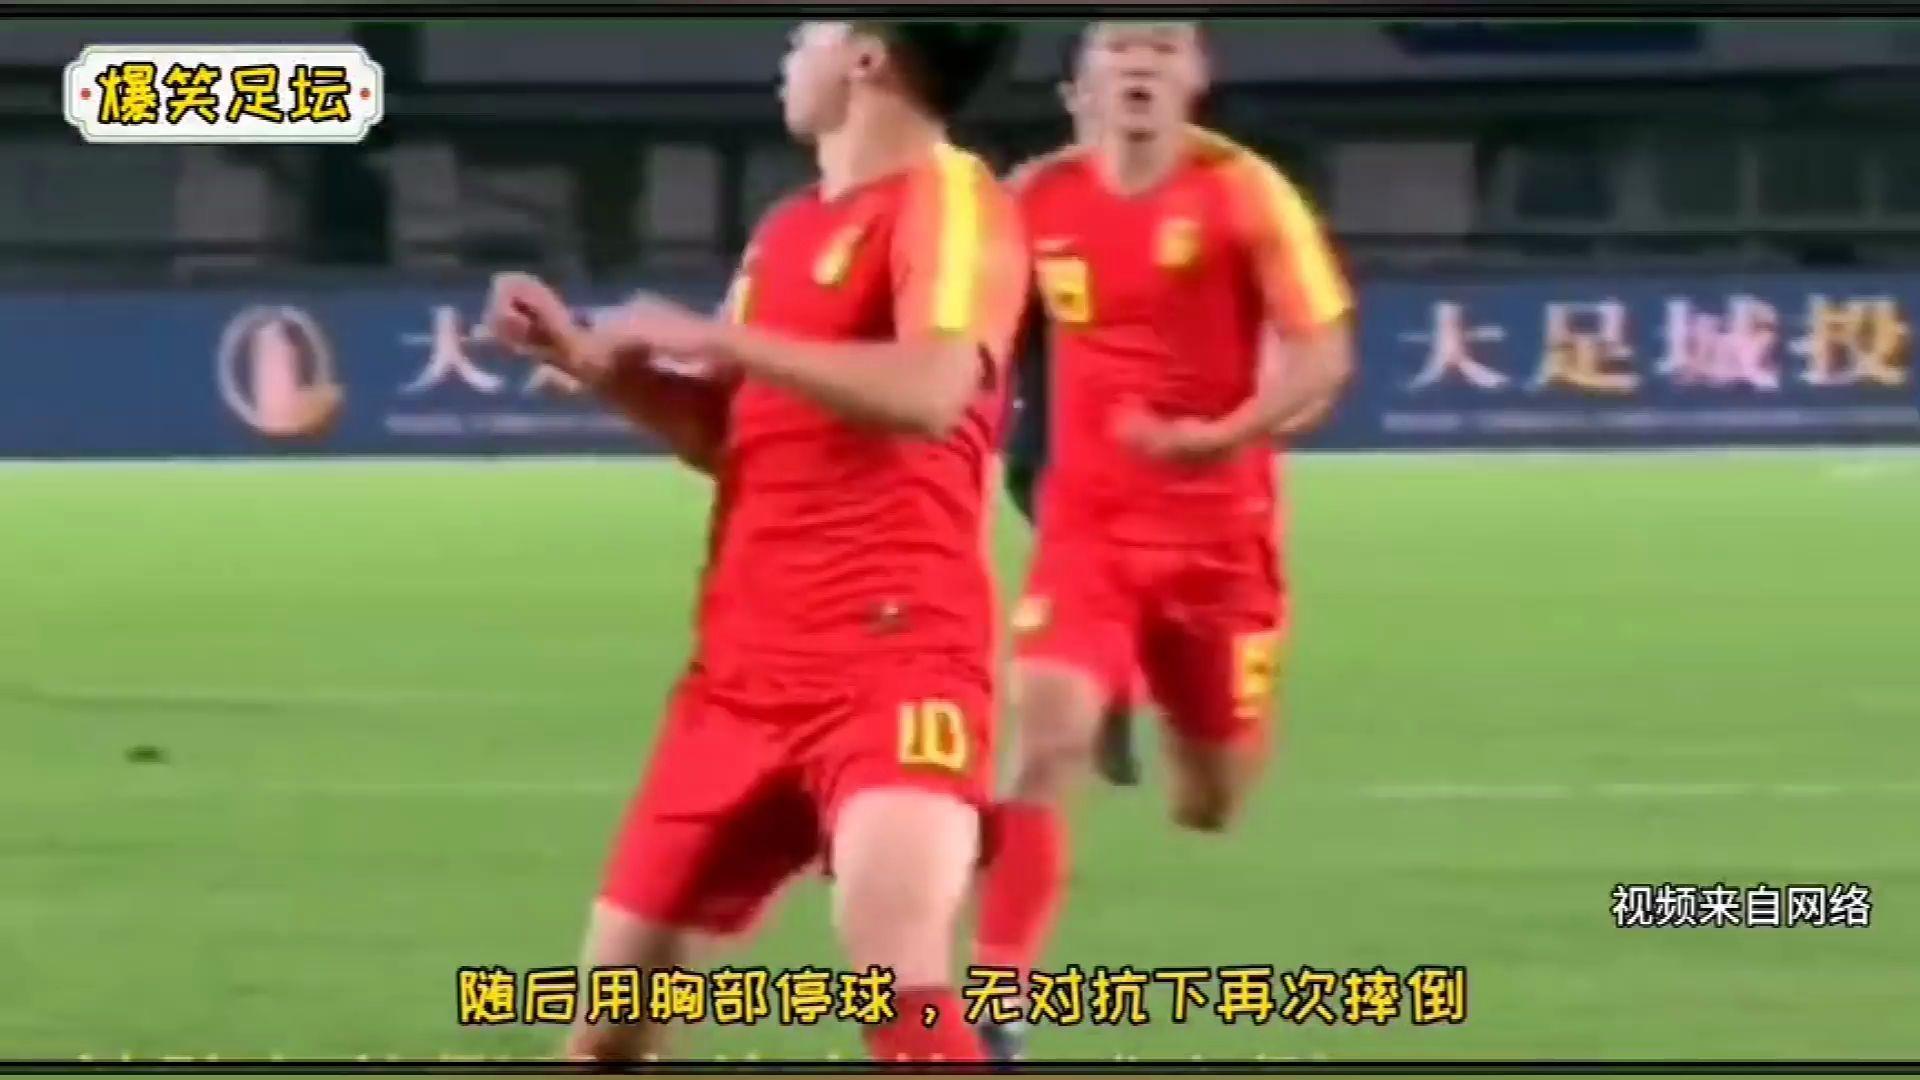 爆笑足坛:中国球员失误合集,3人解围踢空造乌